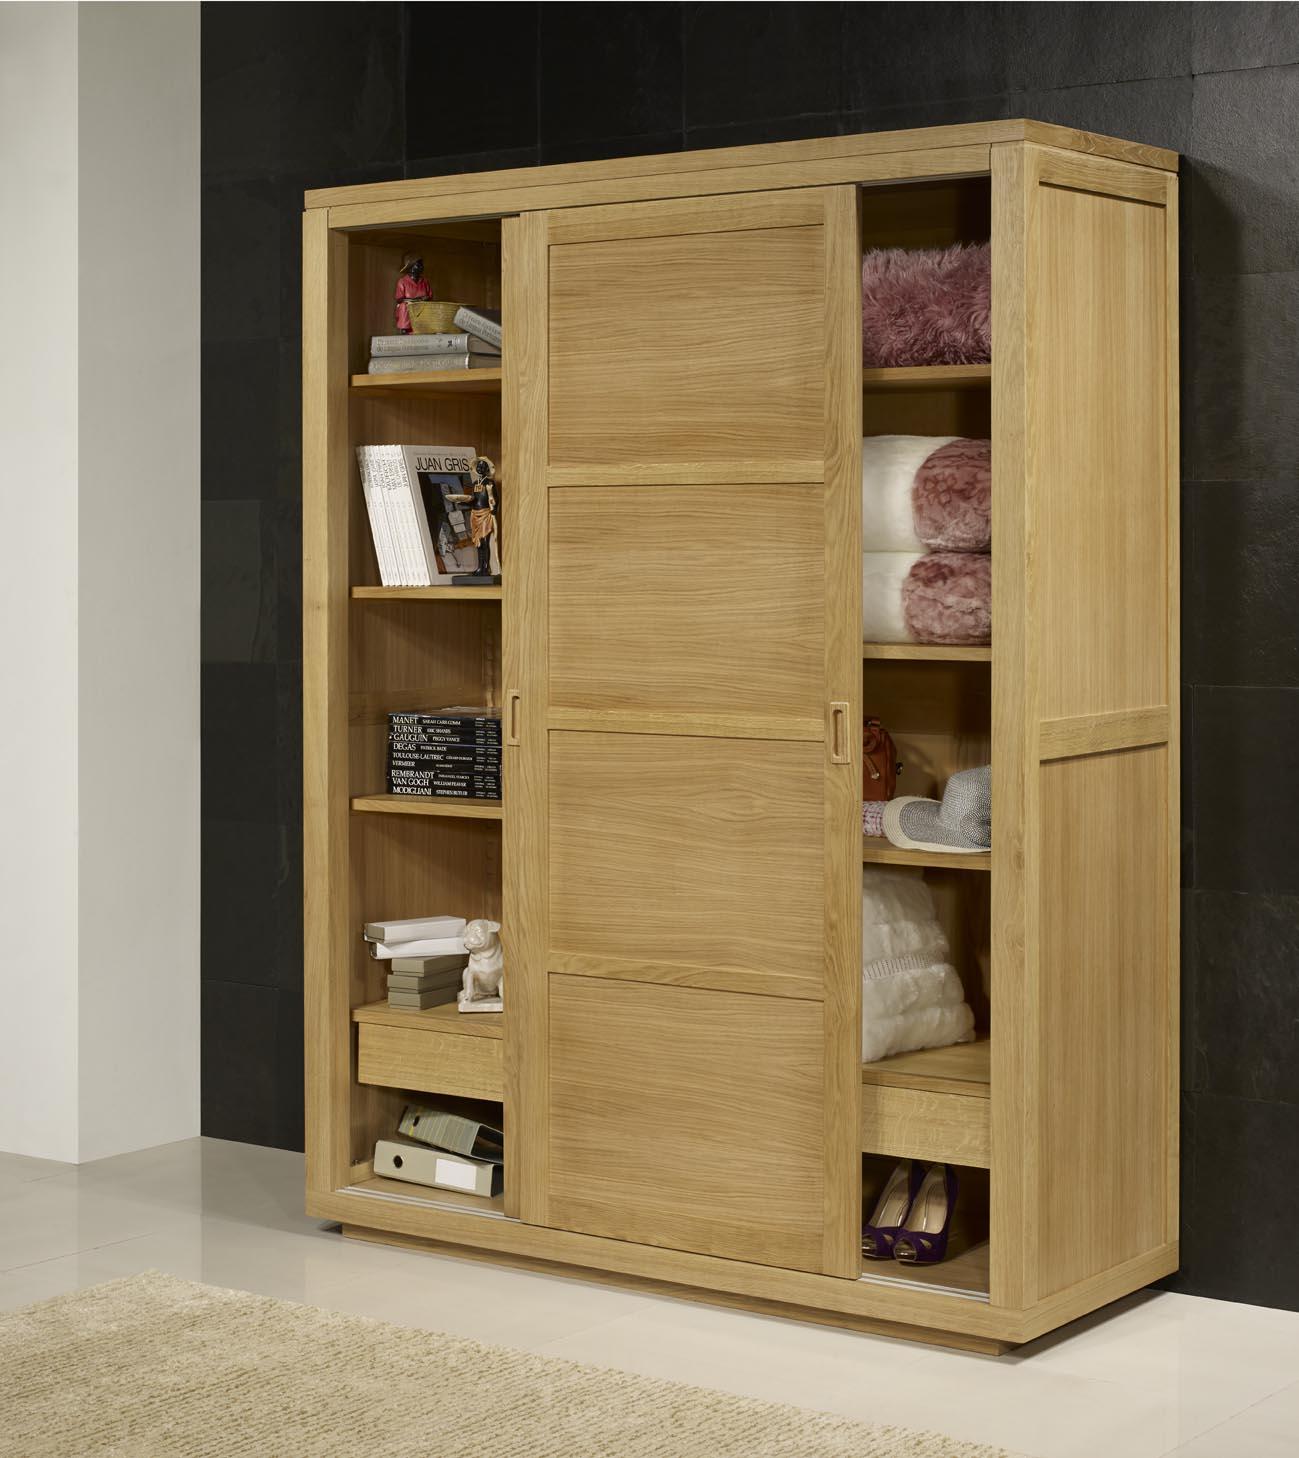 armoire 2 portes coulissantes n en ch ne de ligne contemporaine meuble en ch ne. Black Bedroom Furniture Sets. Home Design Ideas